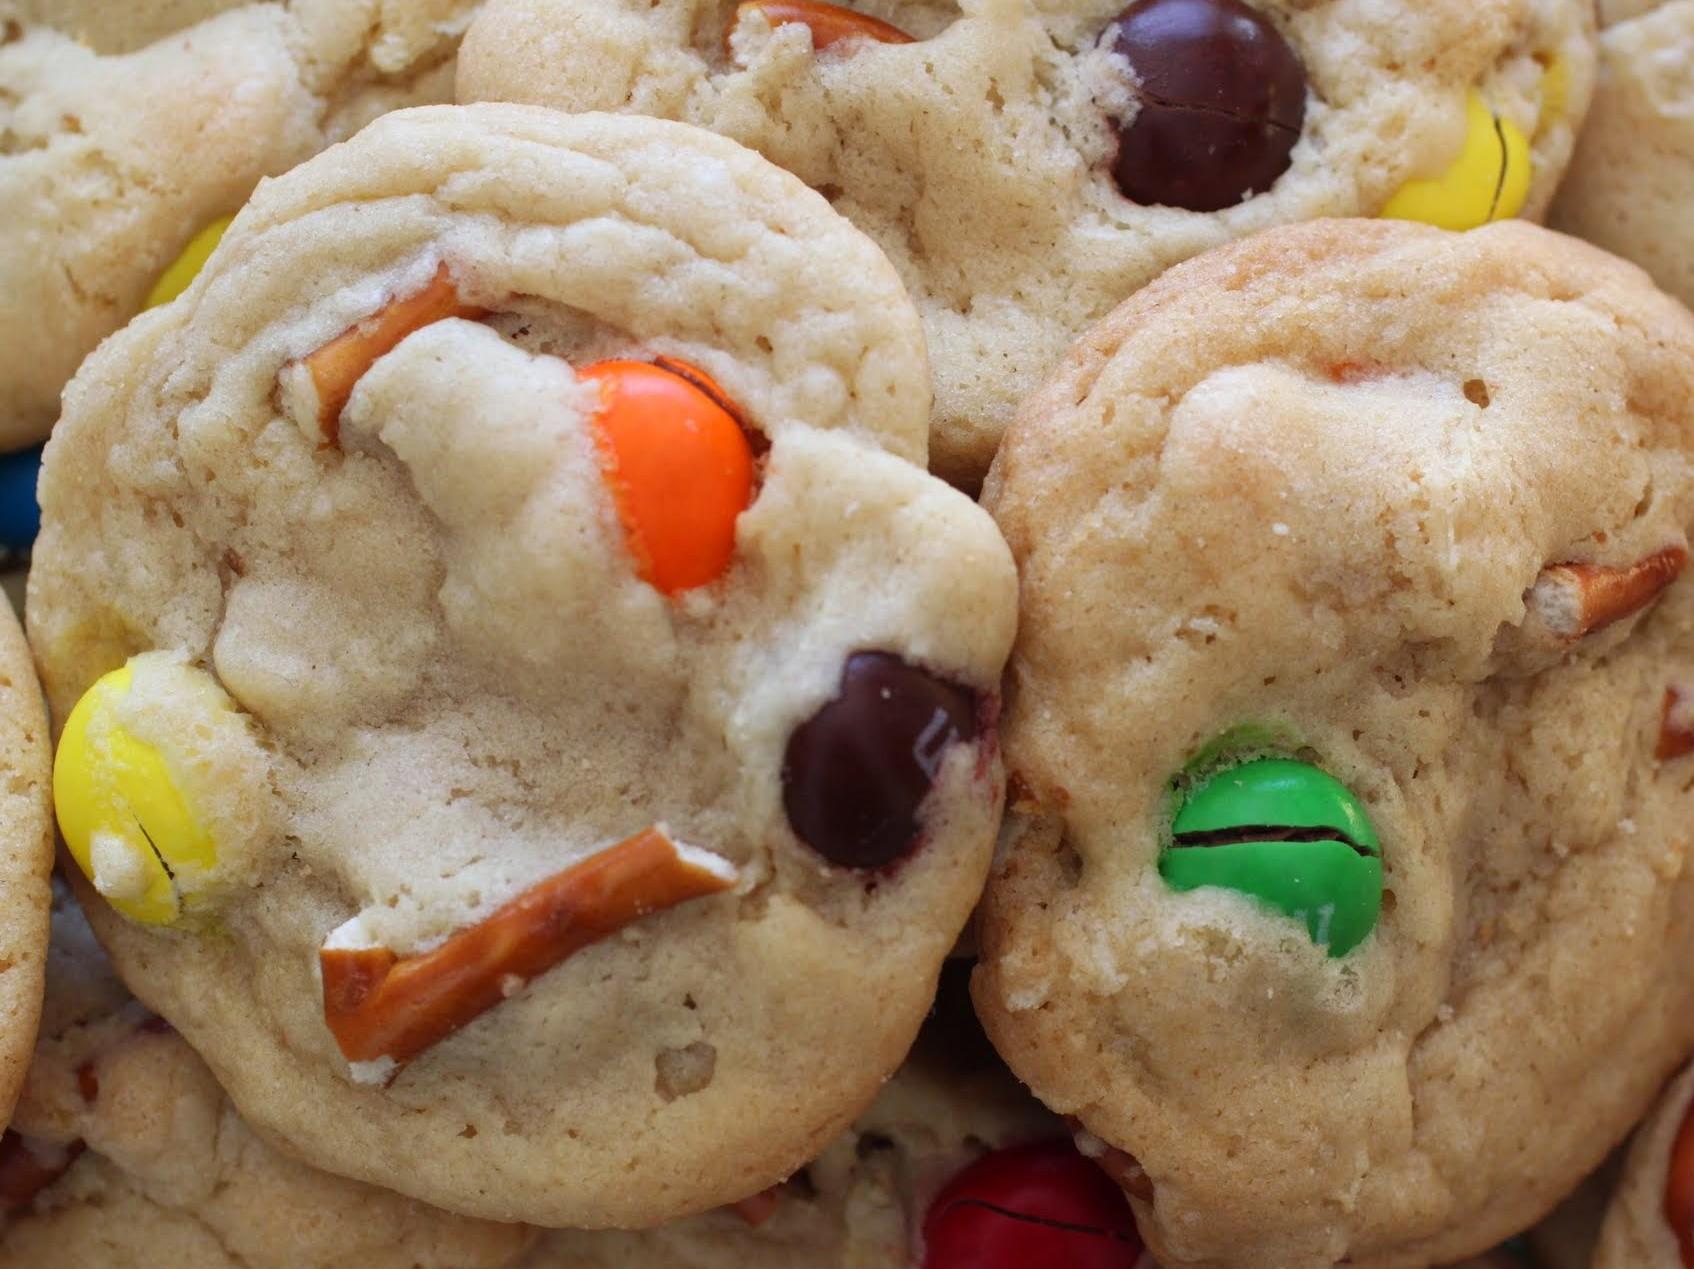 Sweet n' Salty Cookies